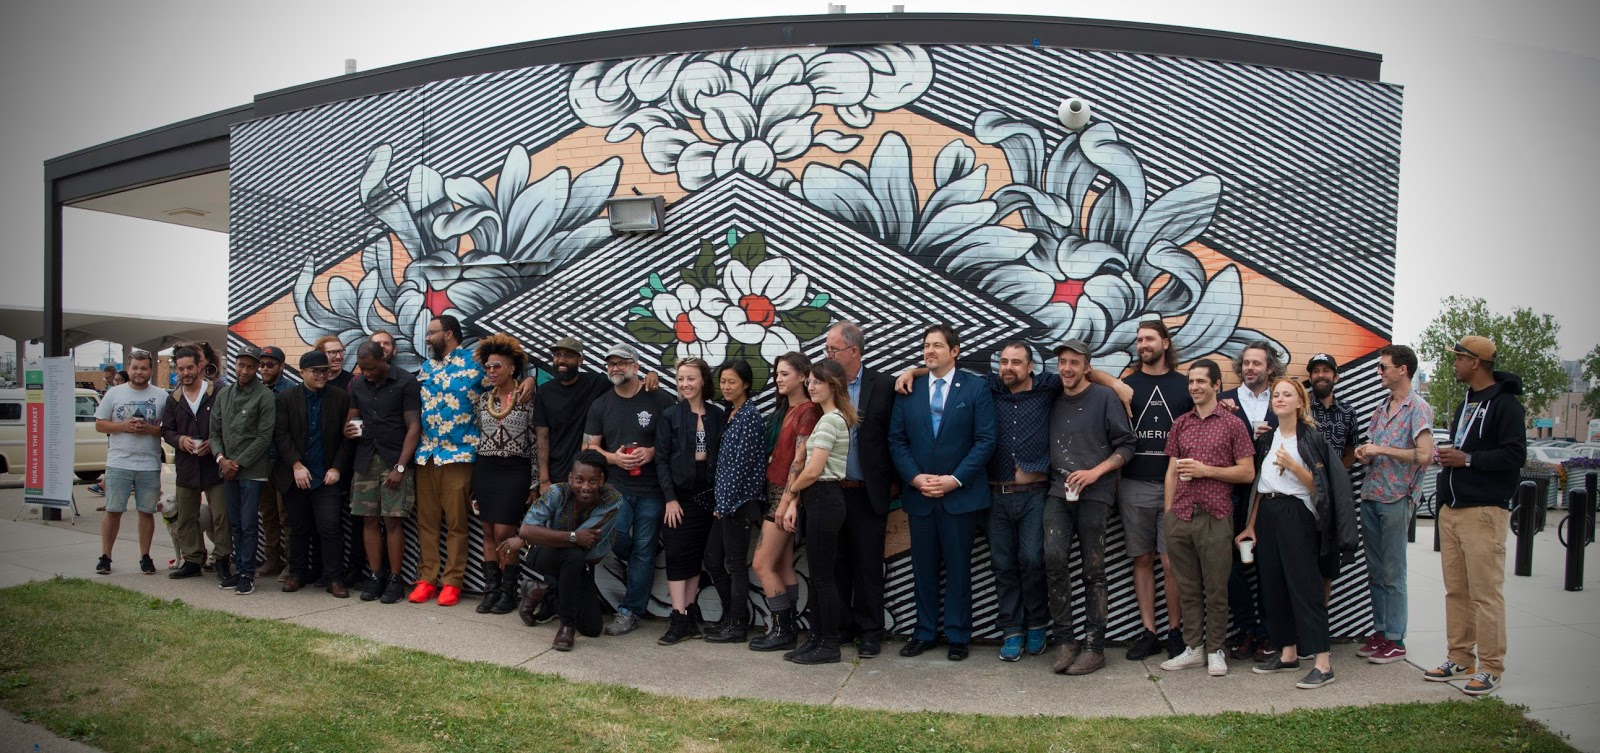 Motorcityblog photos murals in the market 2017 artist for Enjoy detroit mural